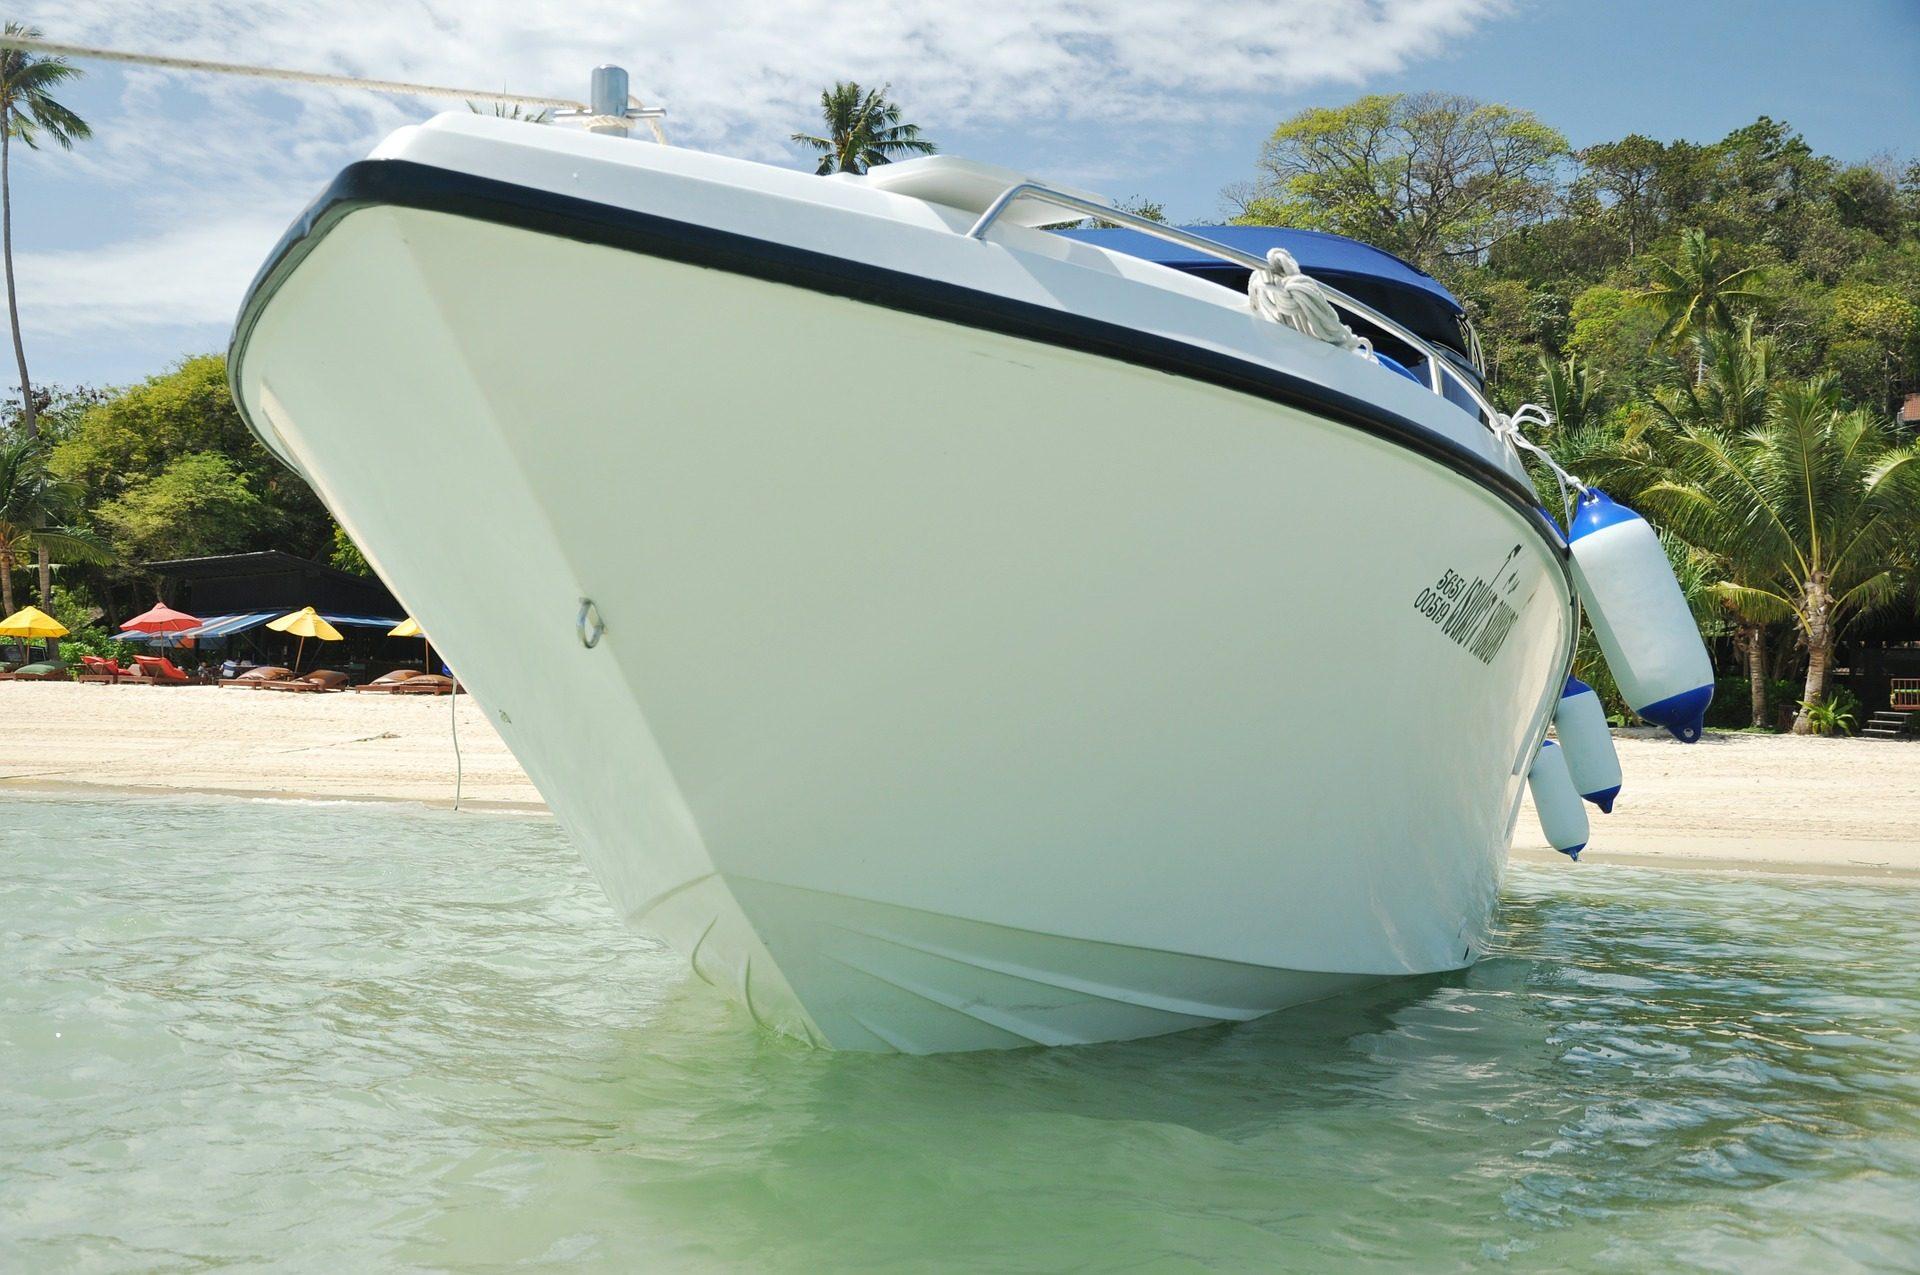 小船, 游艇, 哥斯达黎加, 海滩, 系泊设备, 海, 遮阳伞 - 高清壁纸 - 教授-falken.com